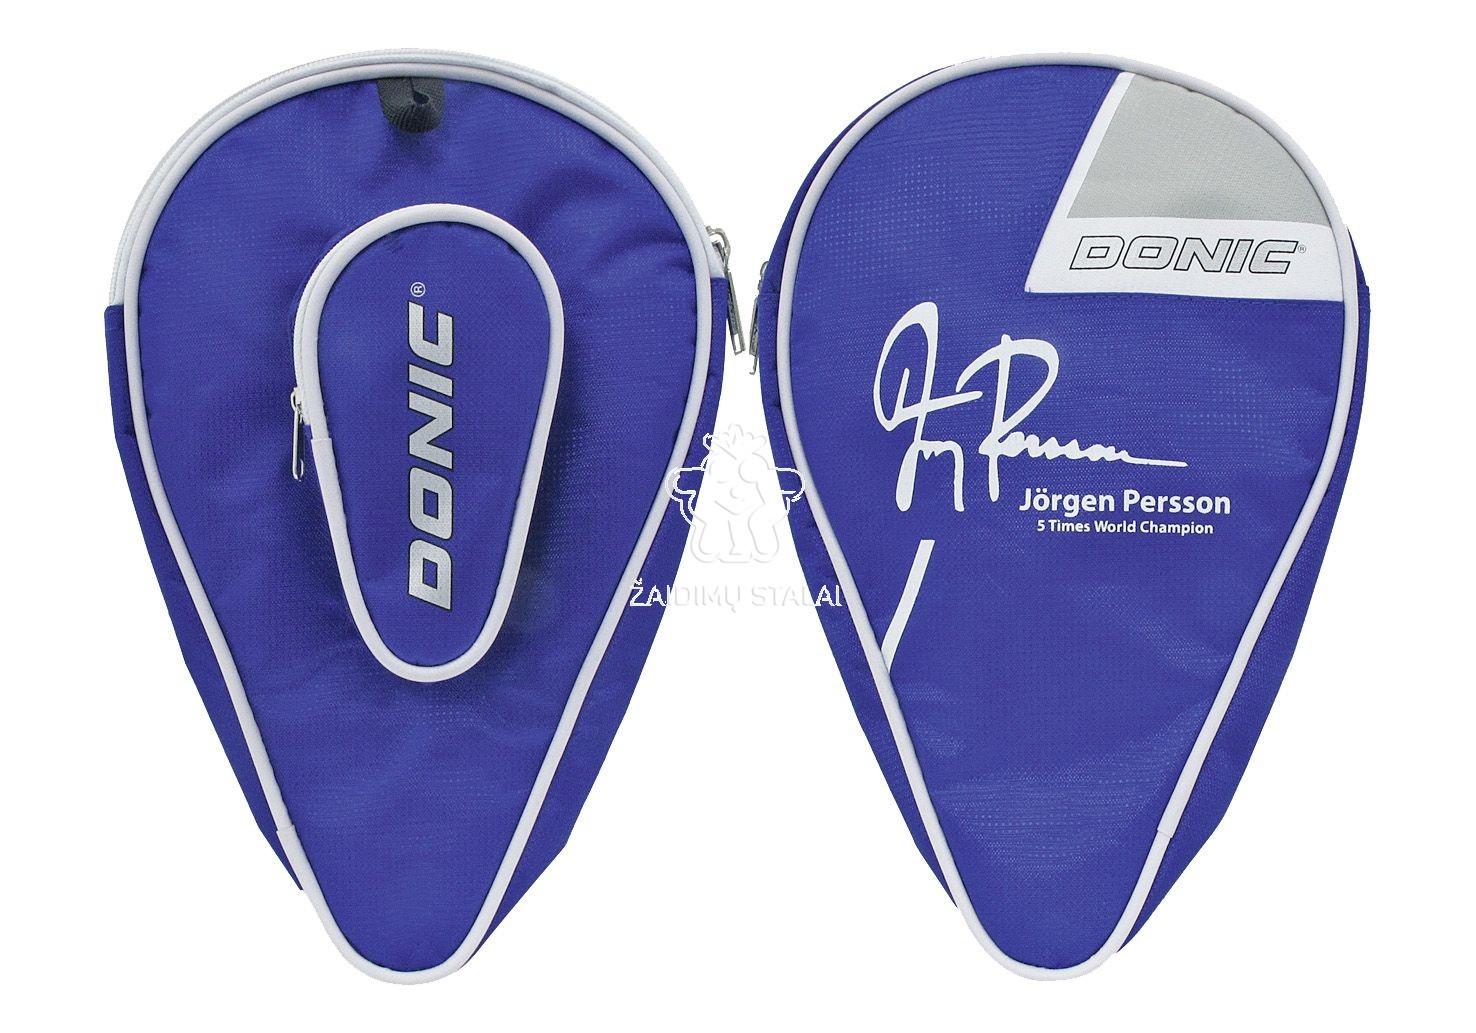 Stalo teniso raketės dėklas Donic Person